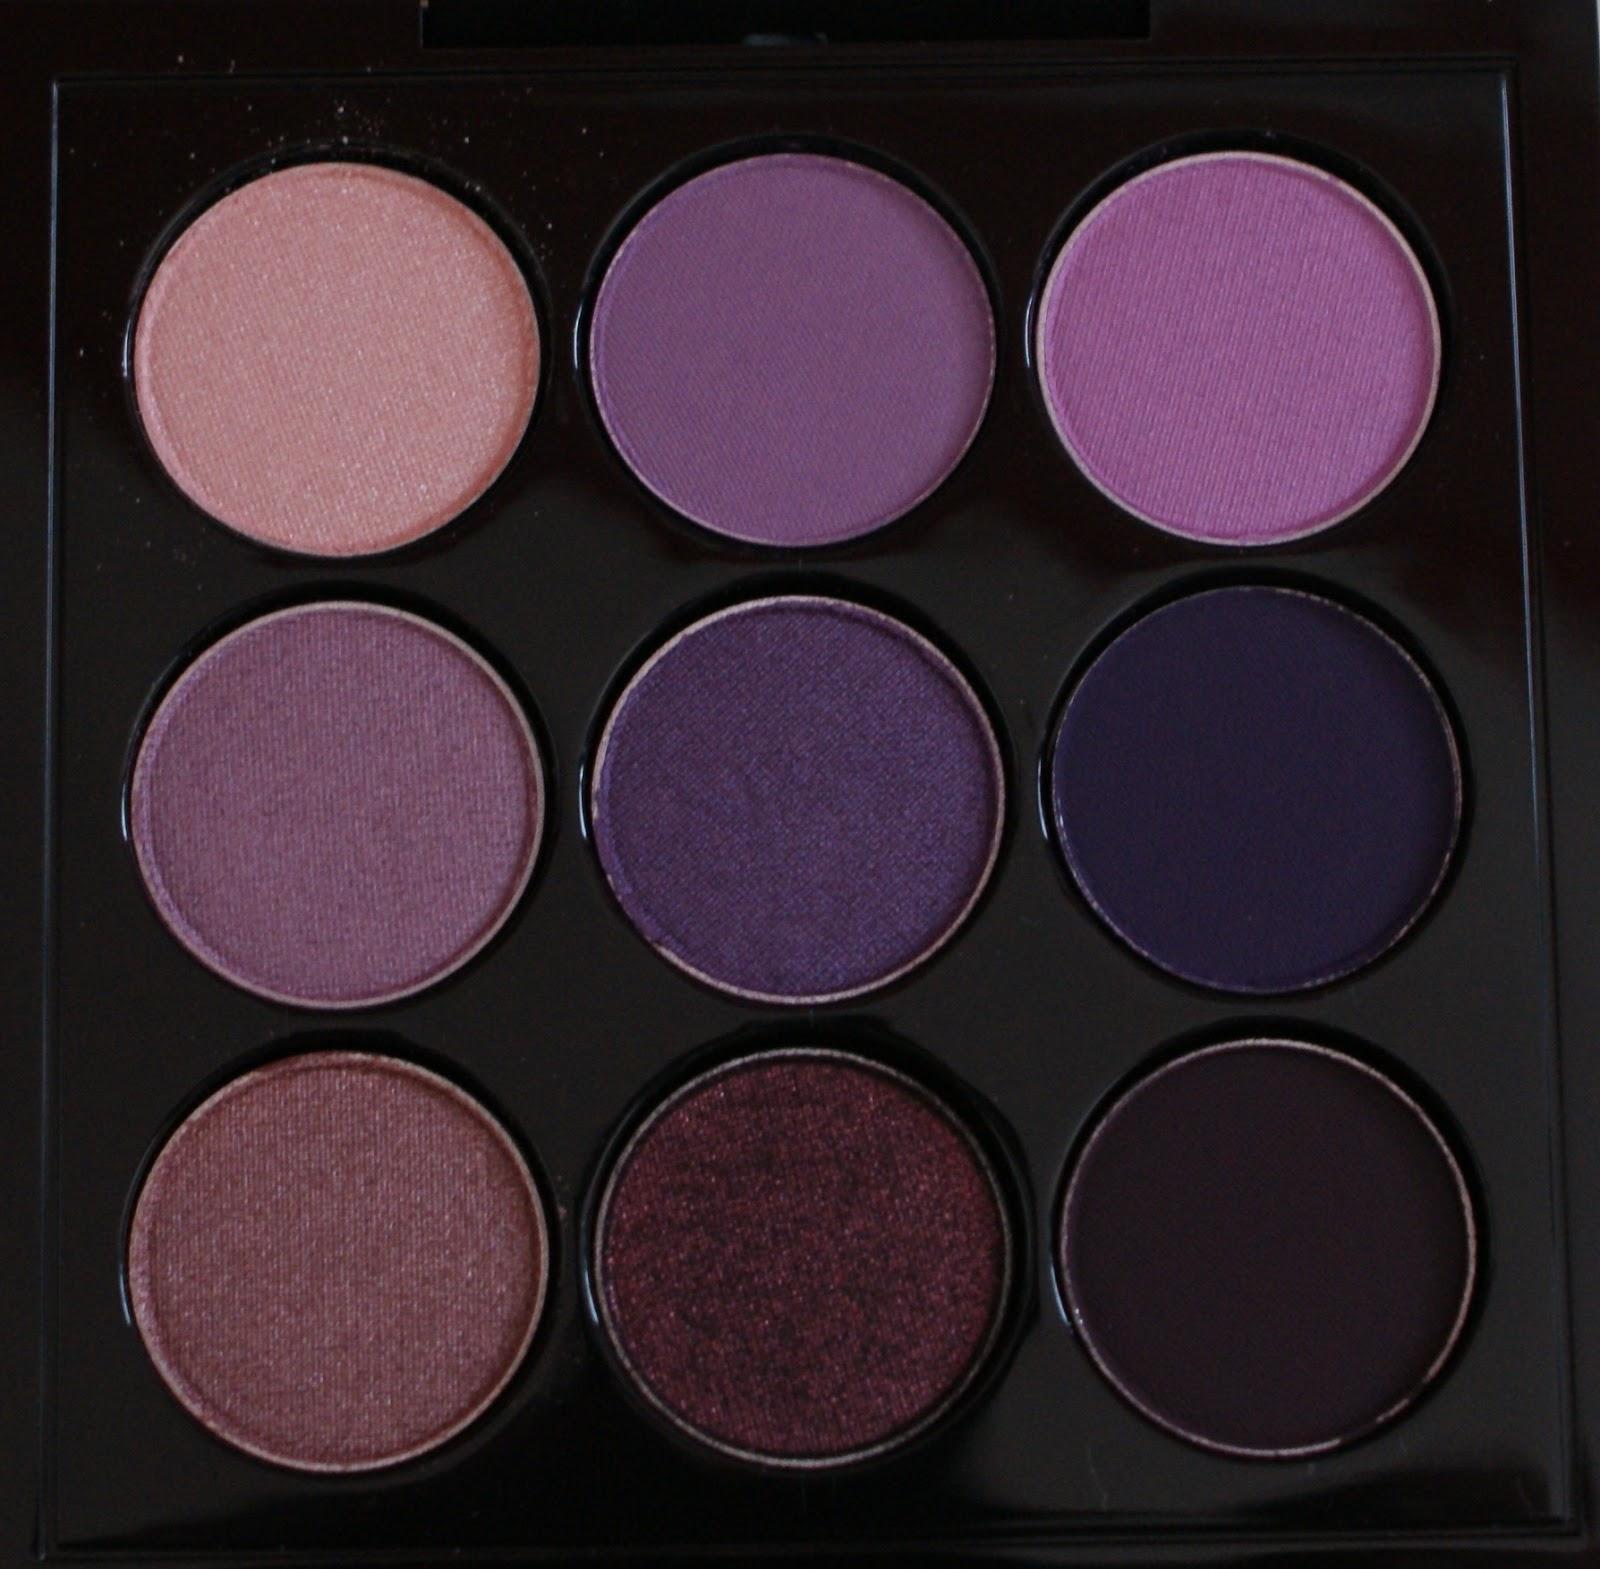 crystalised mac purple times nine eyeshadow palette